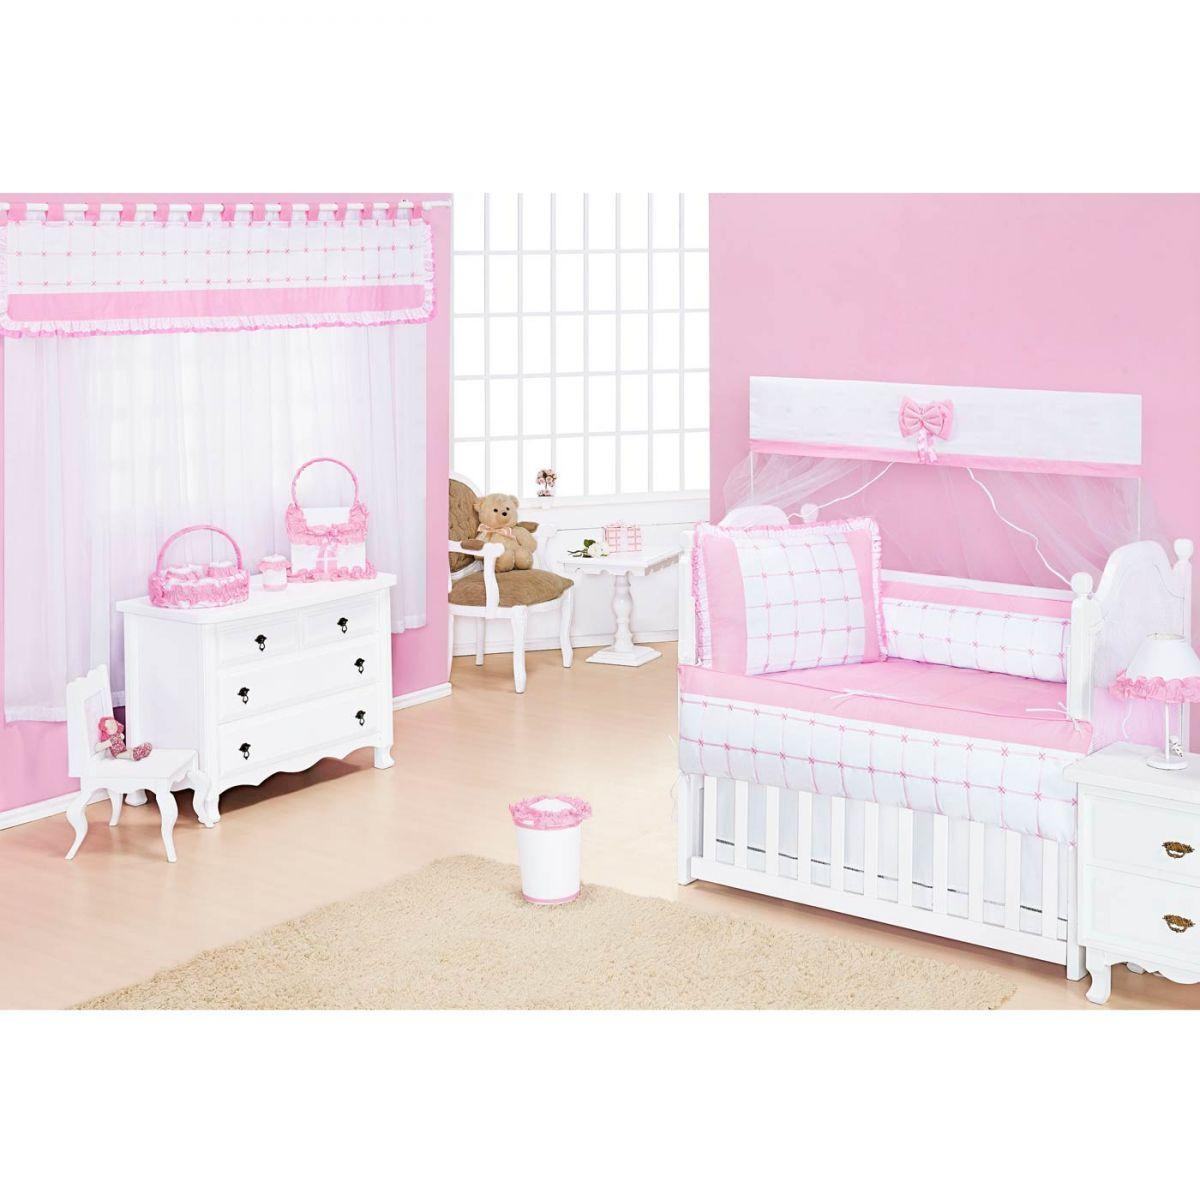 Coleção Completa para Quarto de Bebê Encanto Rosa - 18 Peças